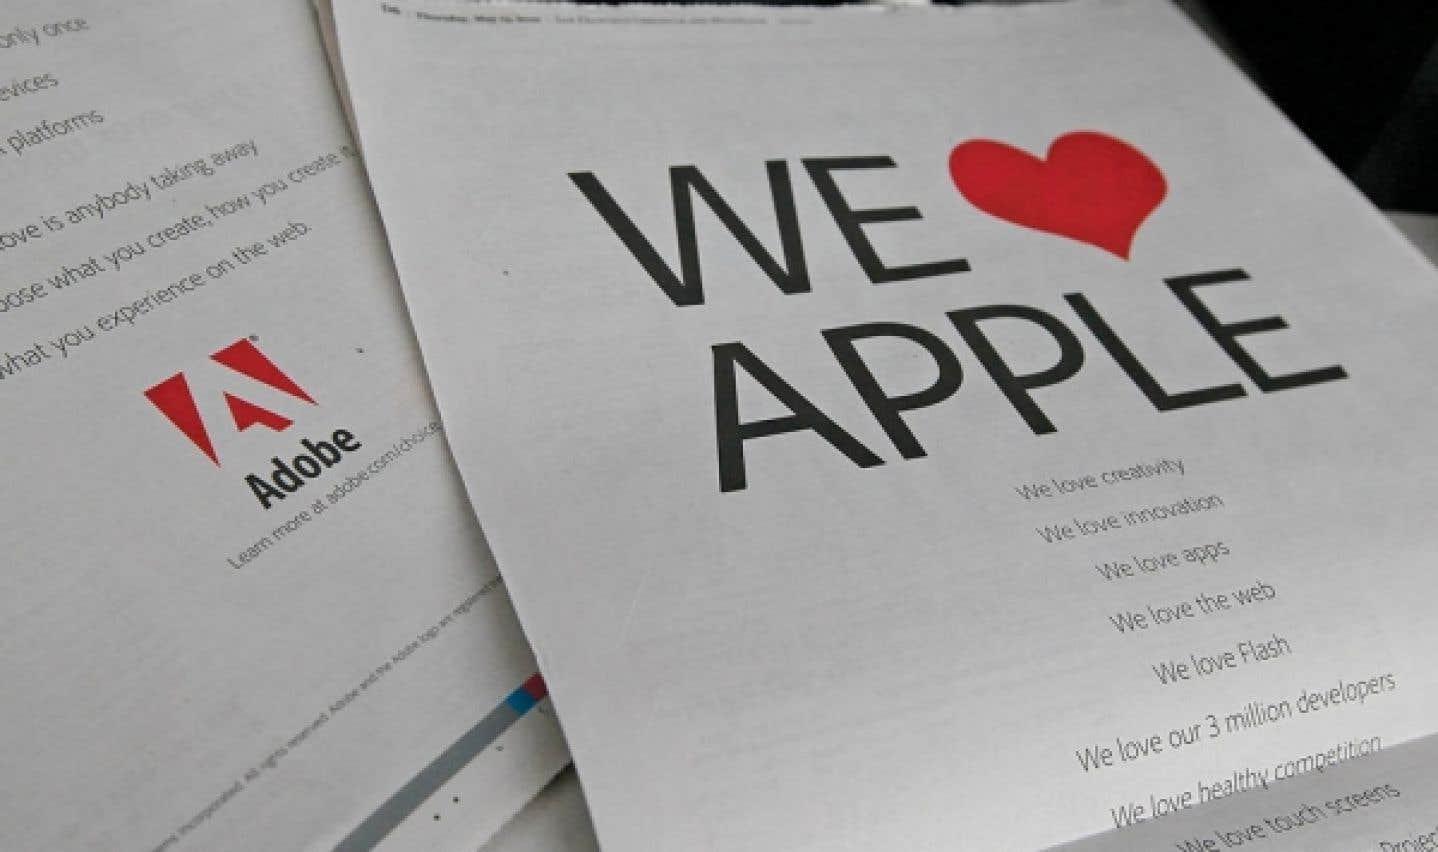 En mai, Adobe s'était offert une pleine page du San Francisco Chronicle pour protester contre la décision d'Apple de tenir Flash à l'écart.